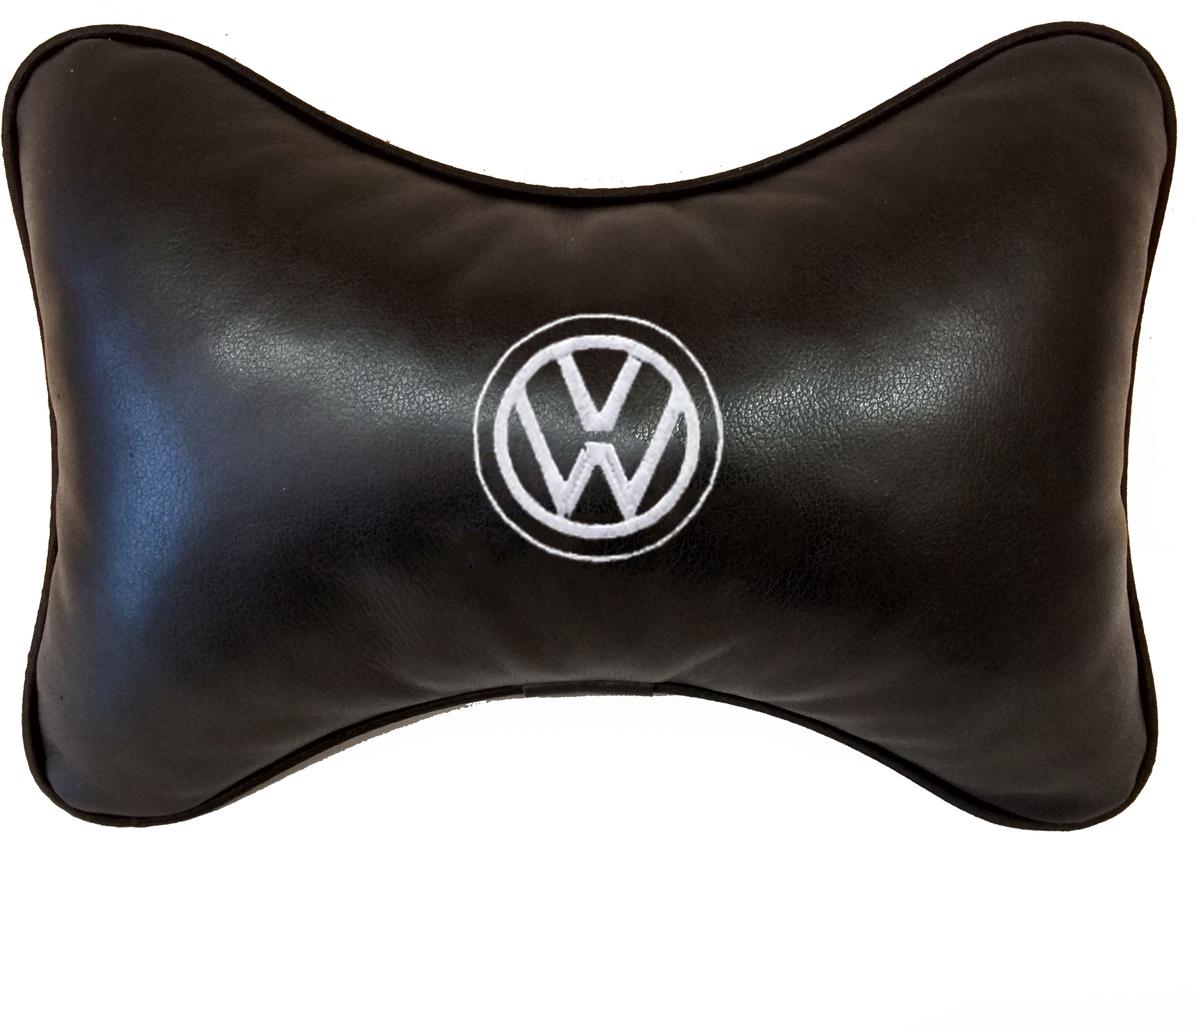 Подушка на подголовник Auto Premium Volkswagen, цвет: черный, 37804 подушка на подголовник auto premium nissan цвет бежевый 37583